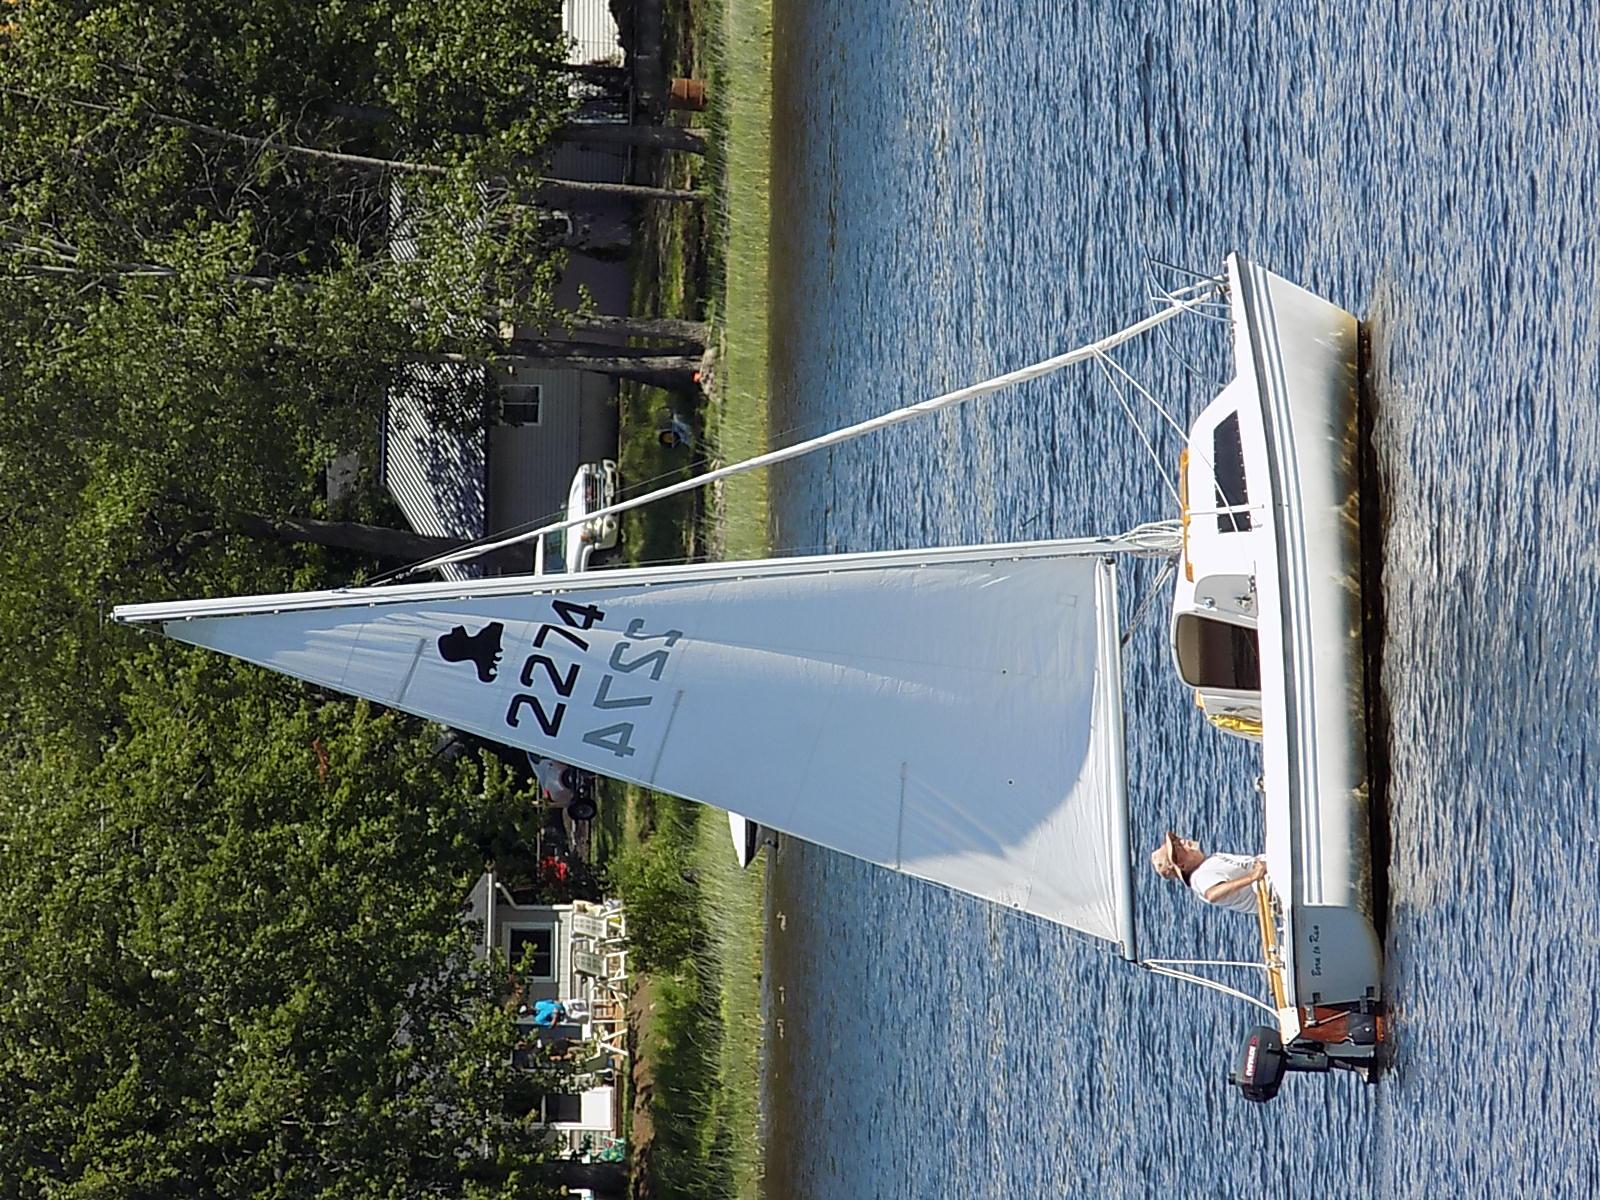 Siren 17 - Wikipedia